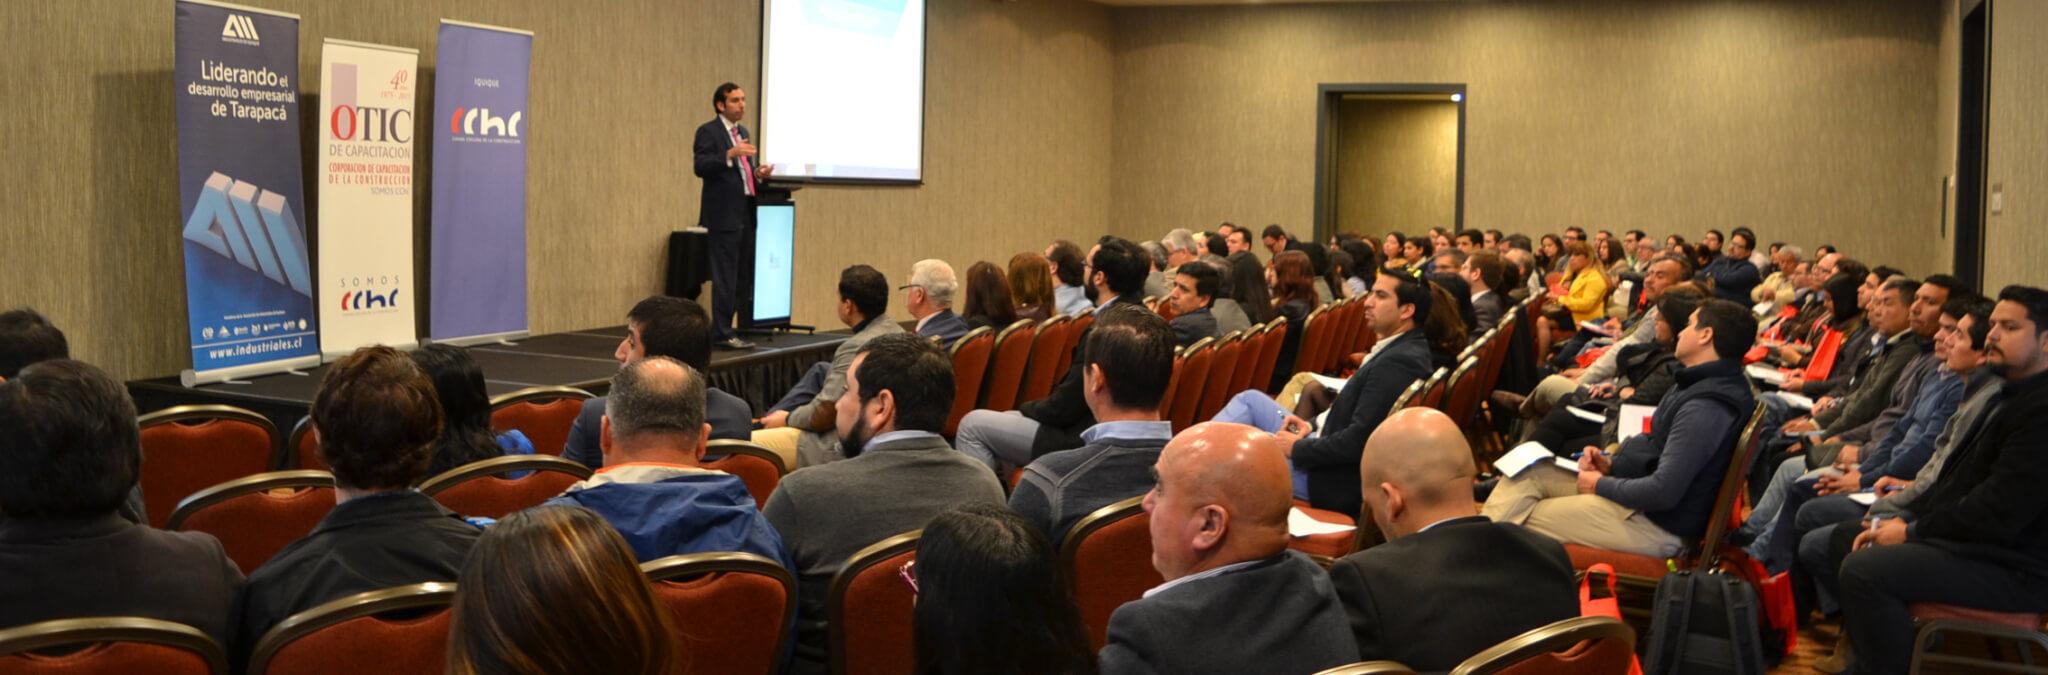 Fernando Arab dicta seminario en Iquique sobre Reforma Laboral, organizado por CChC, OTIC y Asociación de Industriales de Iquique